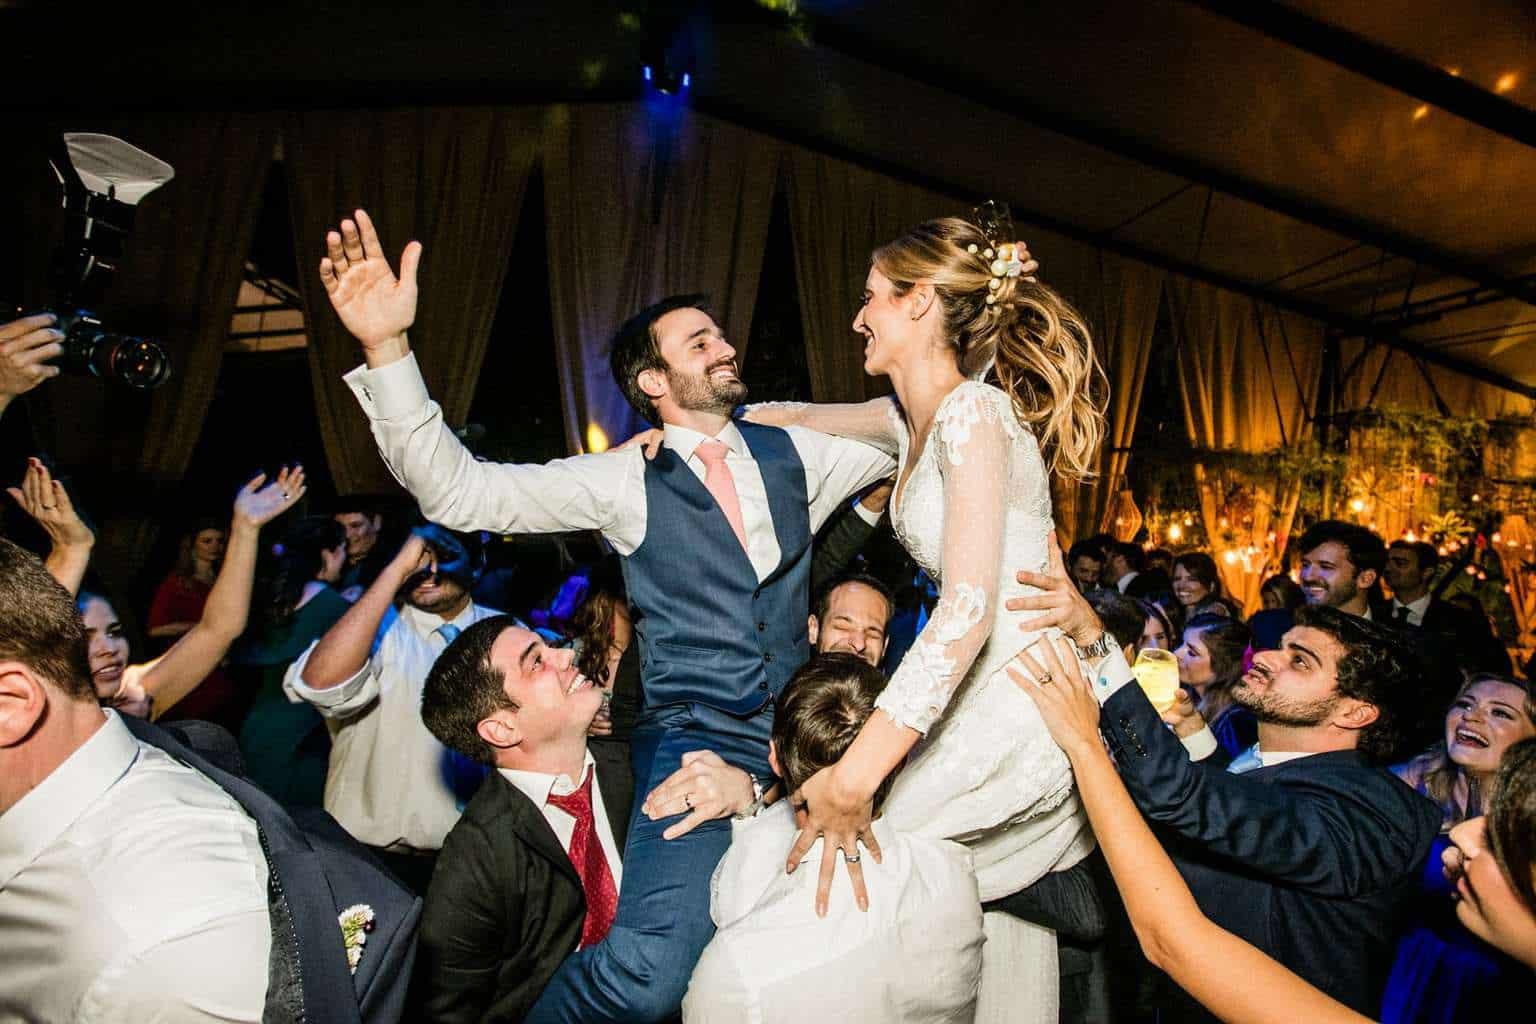 casamento-Camila-e-Diogo-casamento-na-fazenda-casamento-na-serra-casamento-romântico-destination-wedding-Fazenda-Santo-Antonio-festa-Fotografia-Rodrigo-Sack-91